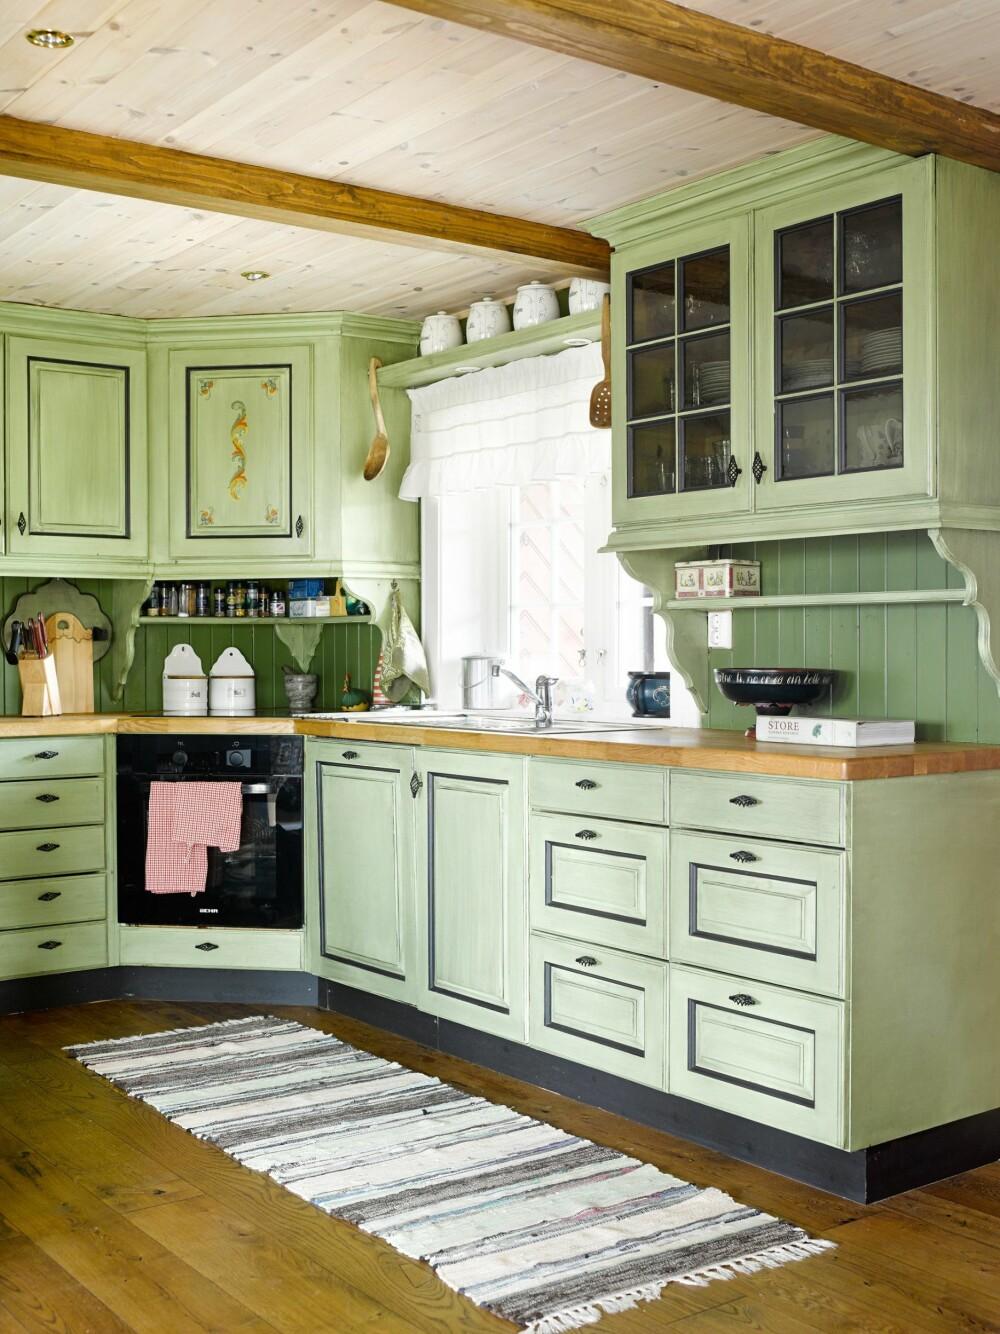 TRADISJONELT KJØKKEN: Kjøkkenet  er selvtegnet av hytteeierne,  plassbygget av en lokal snekker,  og malt i grønt og svart, lasert med brent umbra.